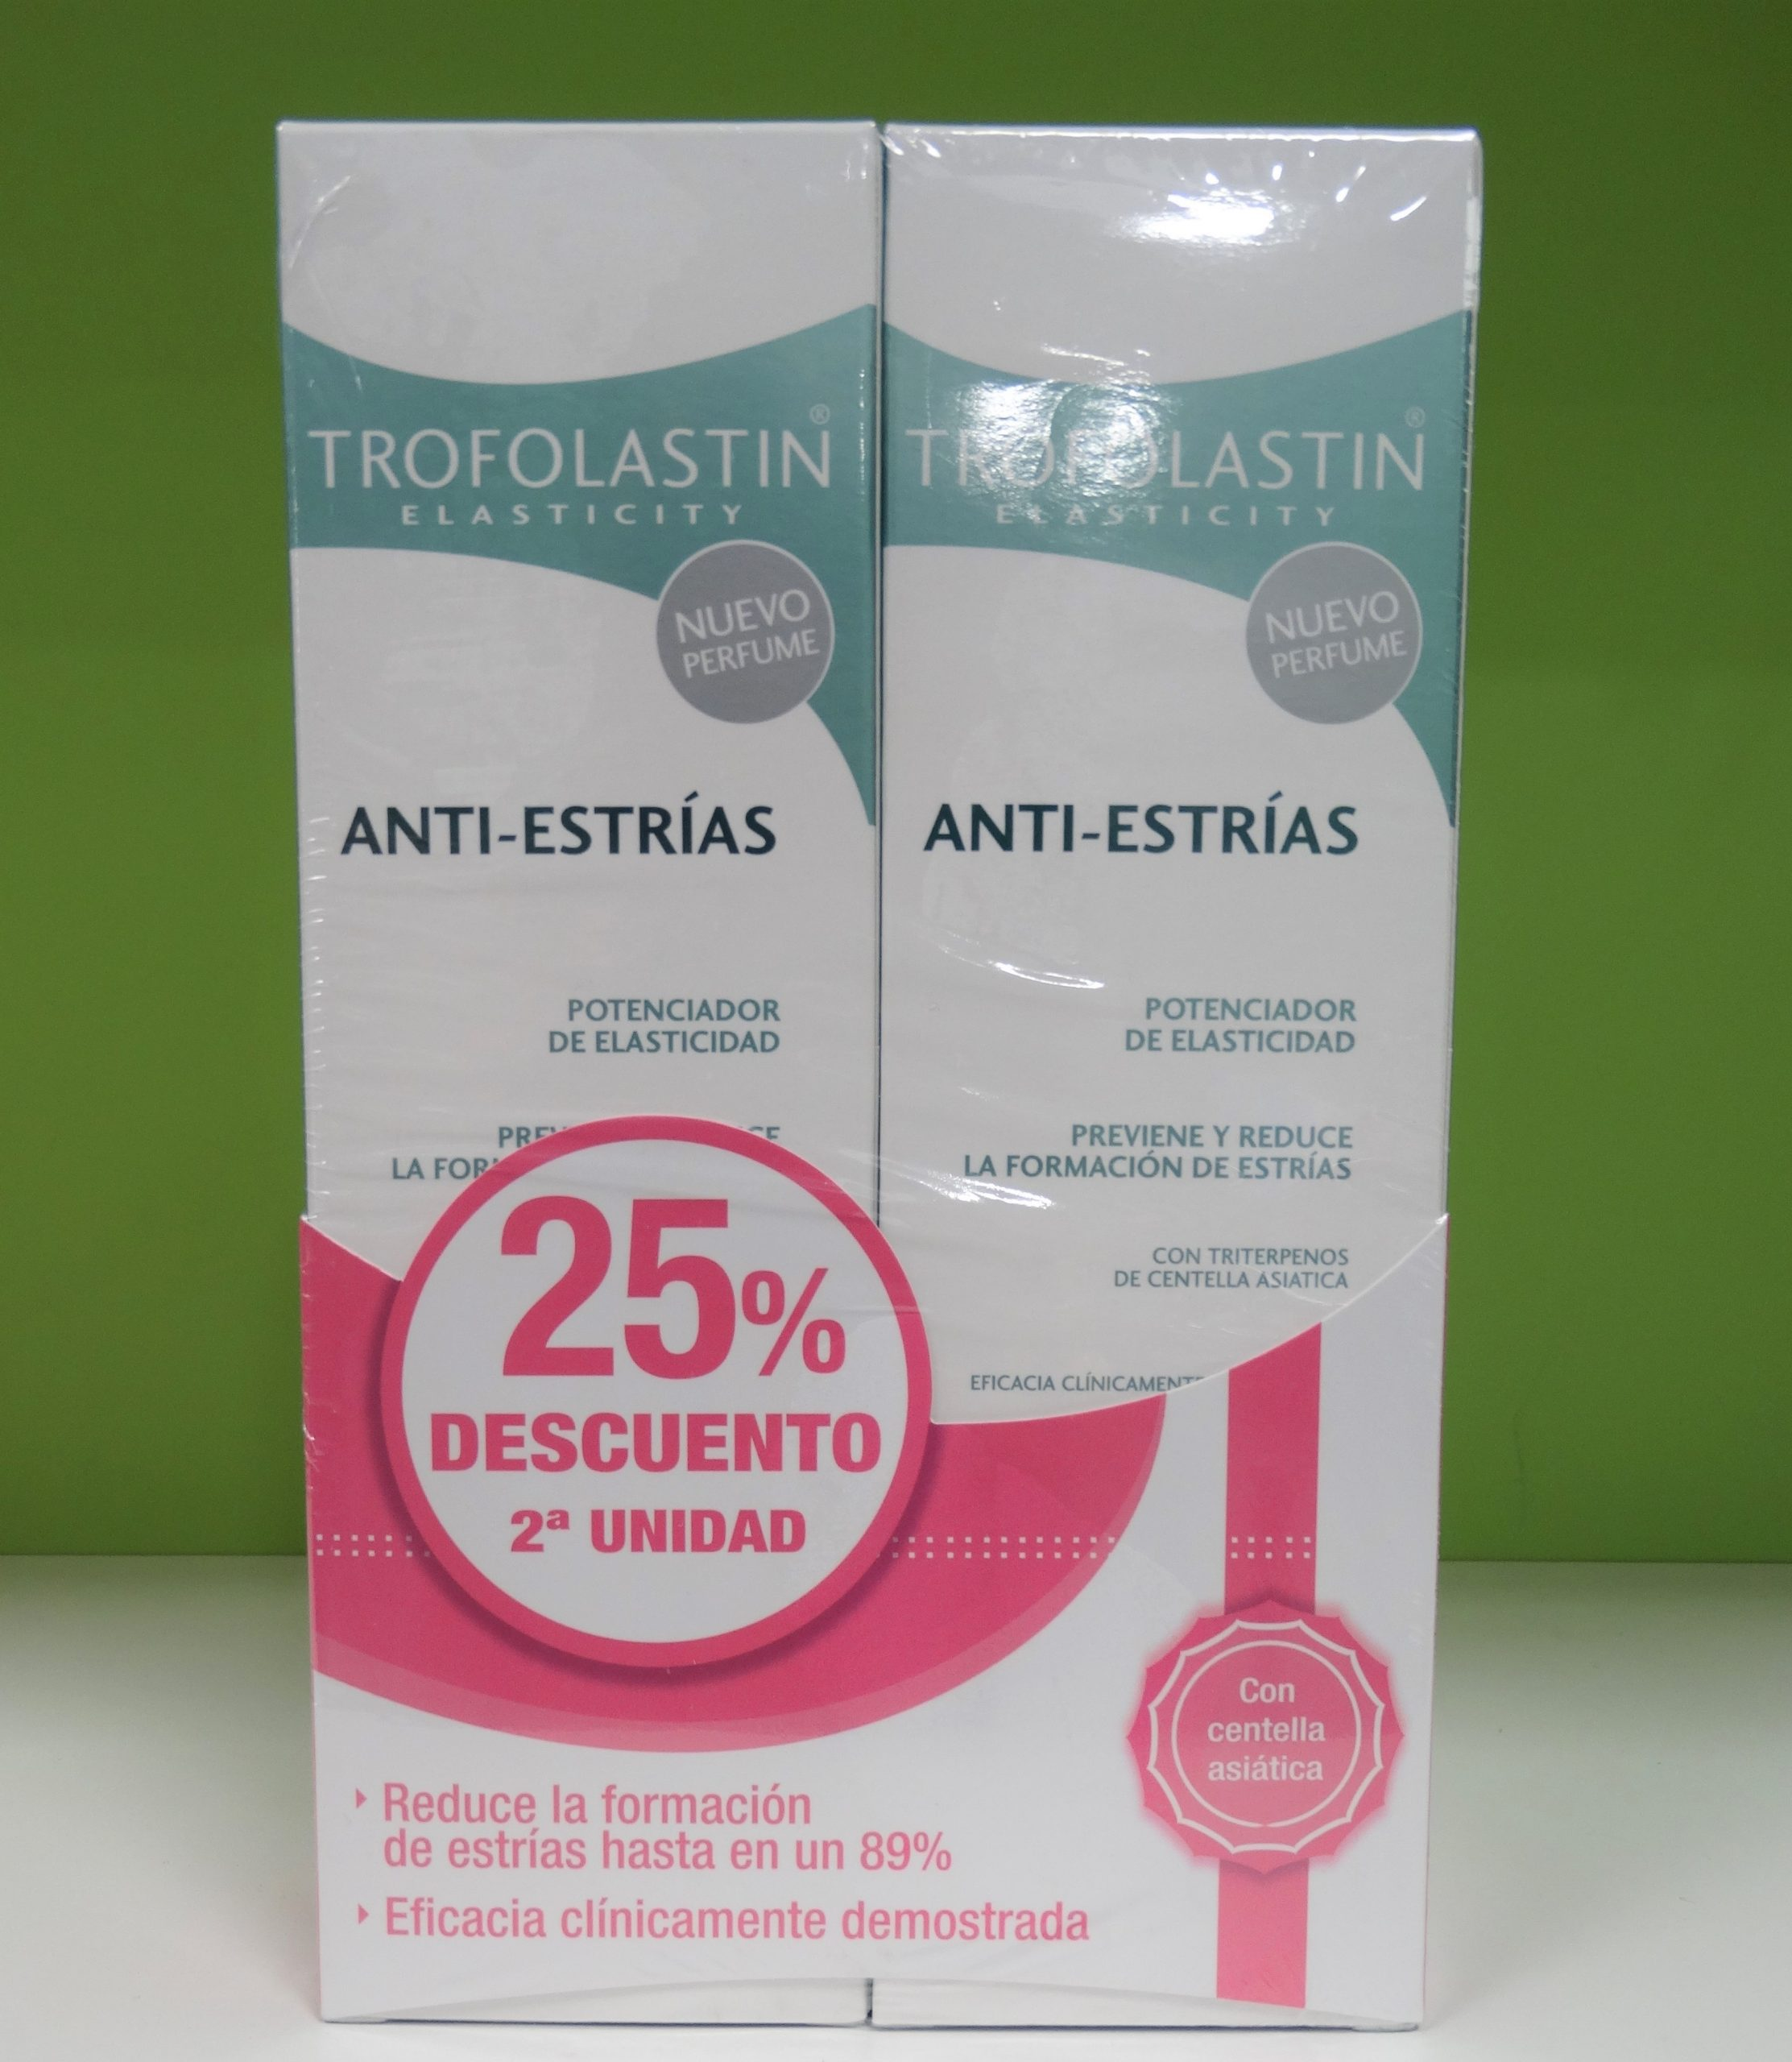 Trofolastín Anti-Estrías es una crema anti-estrías con estudio de eficacia en embarazadas y que se ha comprobado que previene la formación de estrías en hasta un 89%